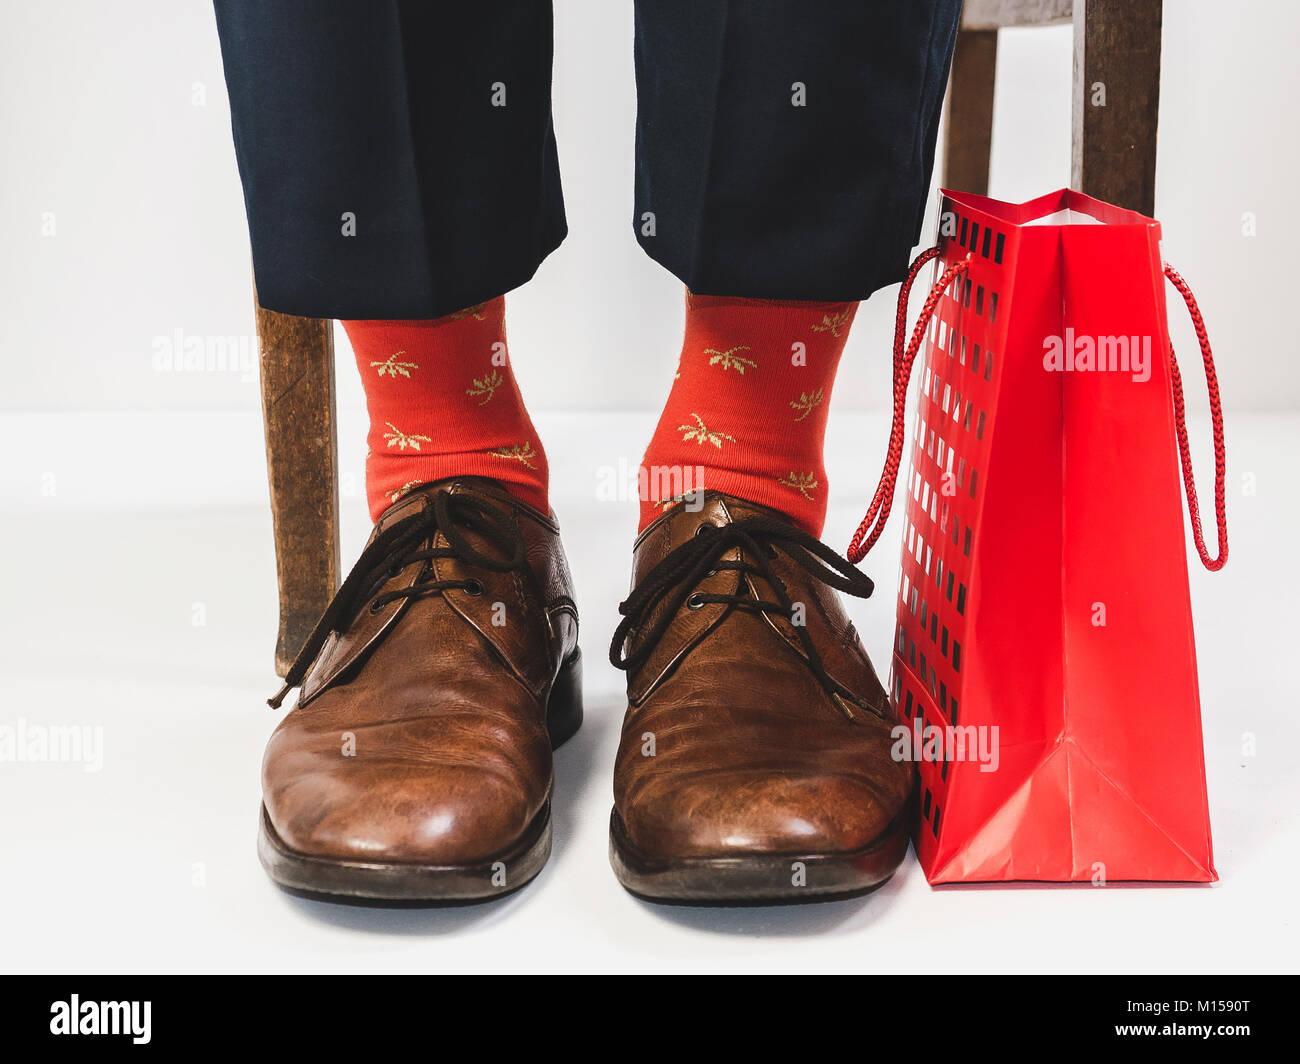 ce817315b295 Männer Fuß in der schicke Schuhe und lustig, helle Socken. Für Männer.  Vintage Schuhe